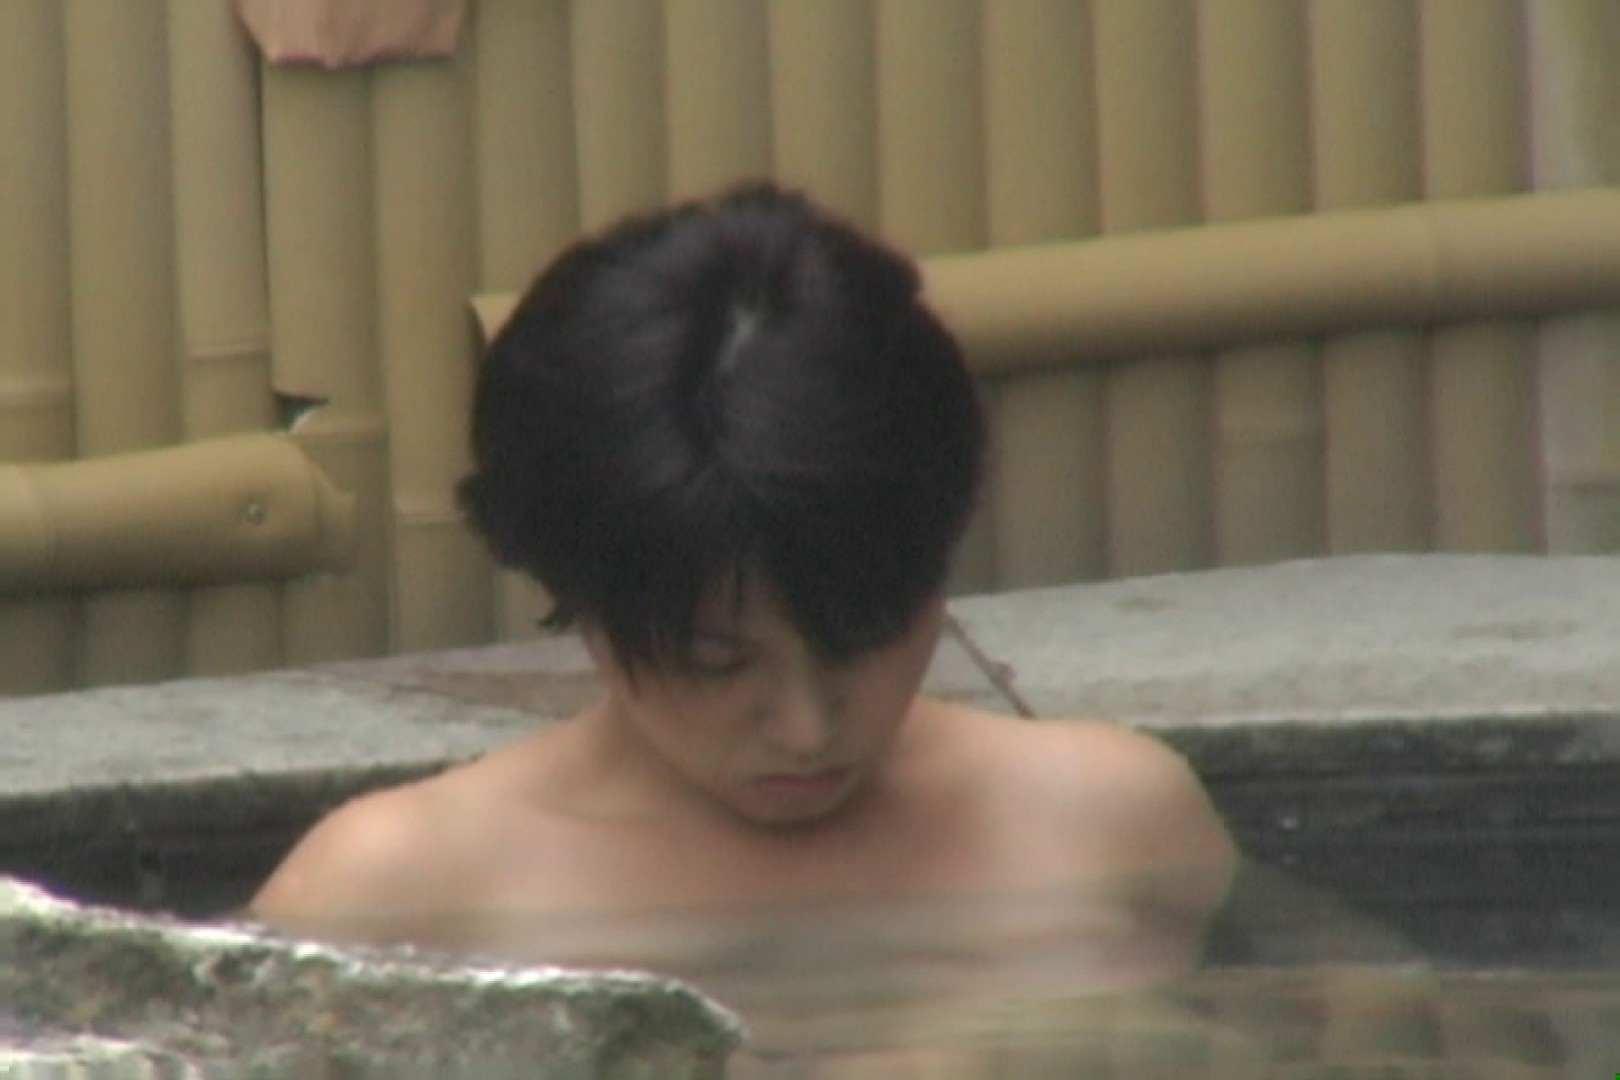 Aquaな露天風呂Vol.624 盗撮 隠し撮りオマンコ動画紹介 41連発 29